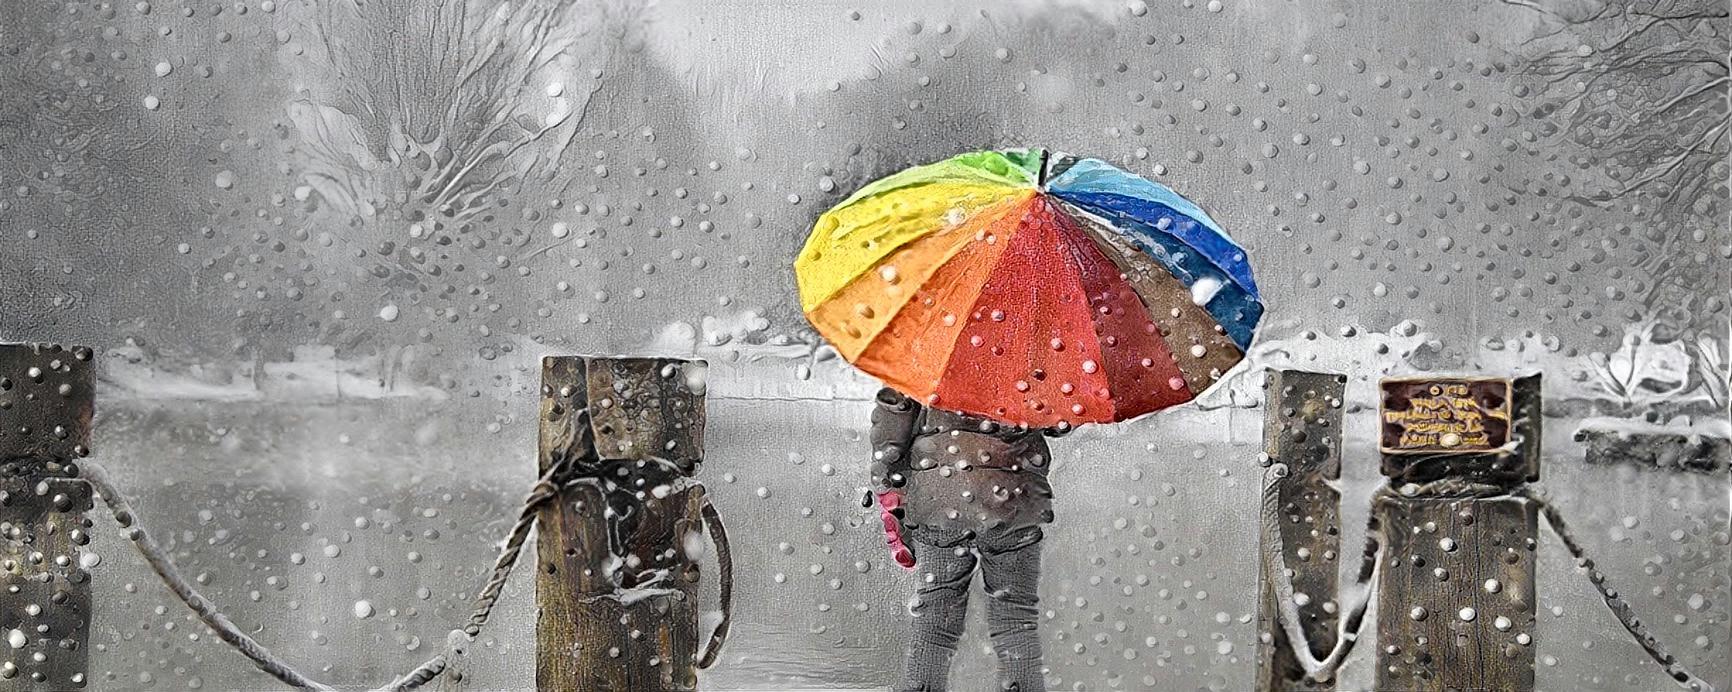 umbrella in snow